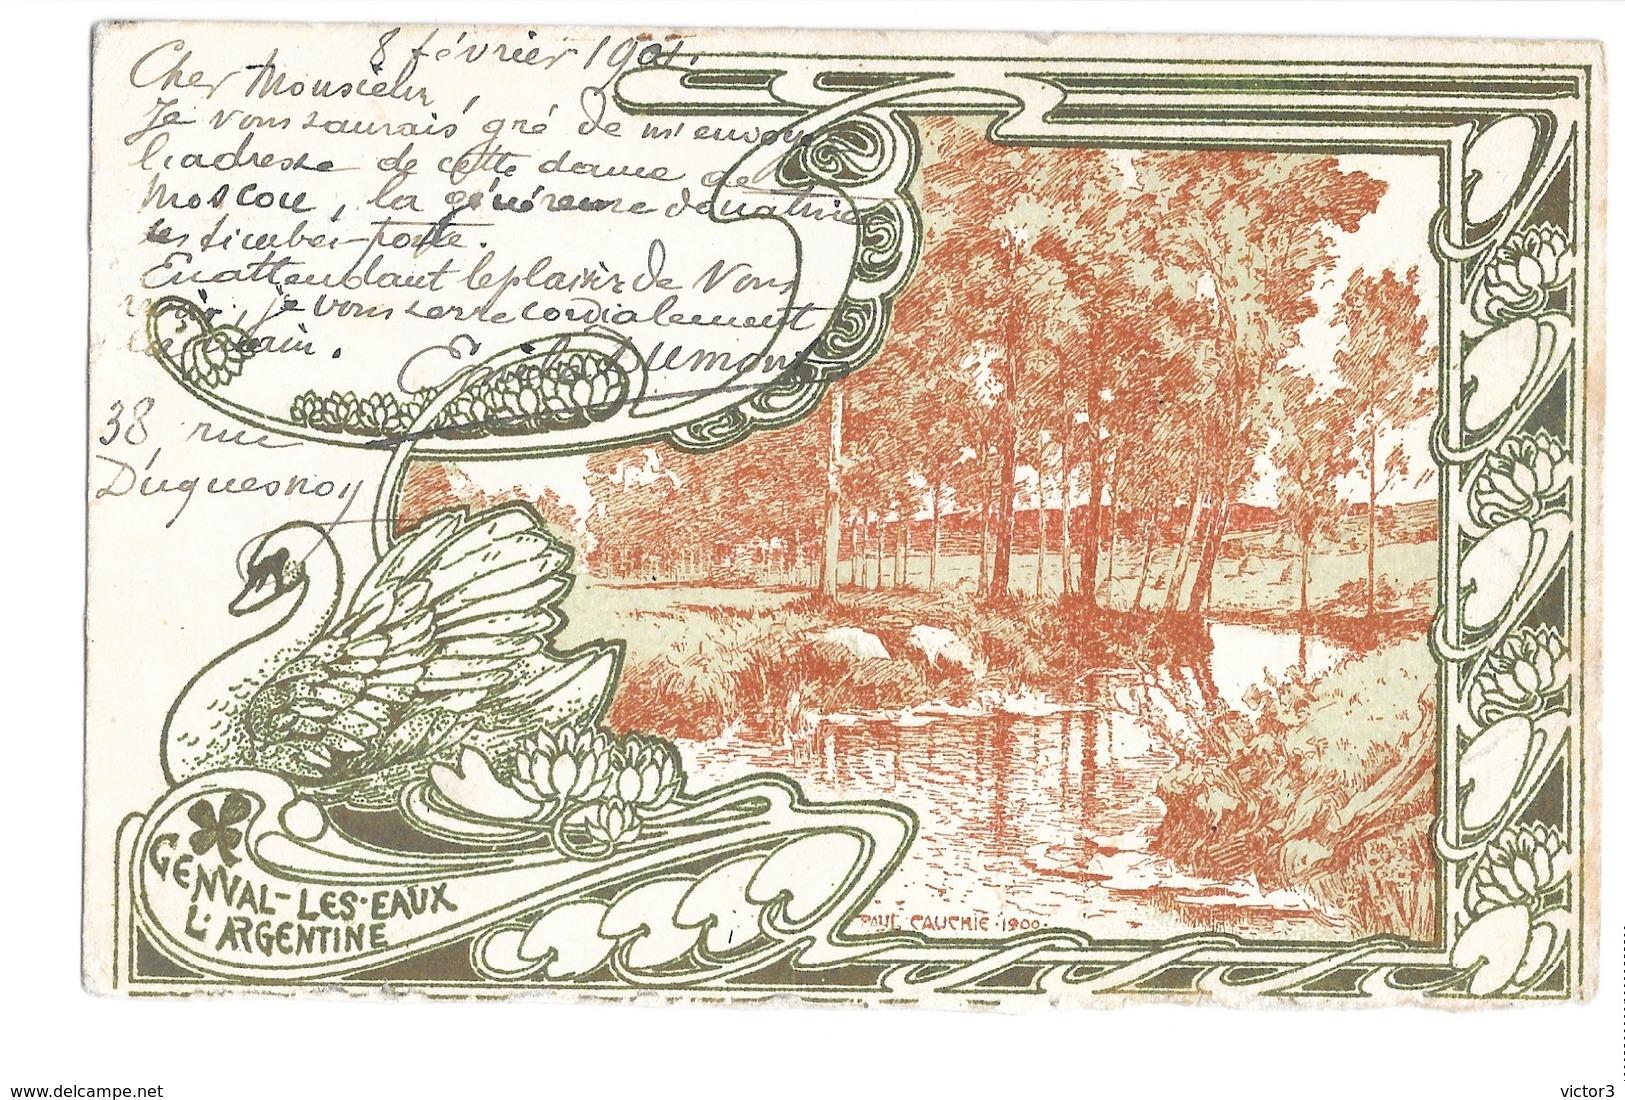 CPA CAUCHIE GENVAL LES EAUX L'ARGENTINE ART NOUVEAU - Illustrateurs & Photographes